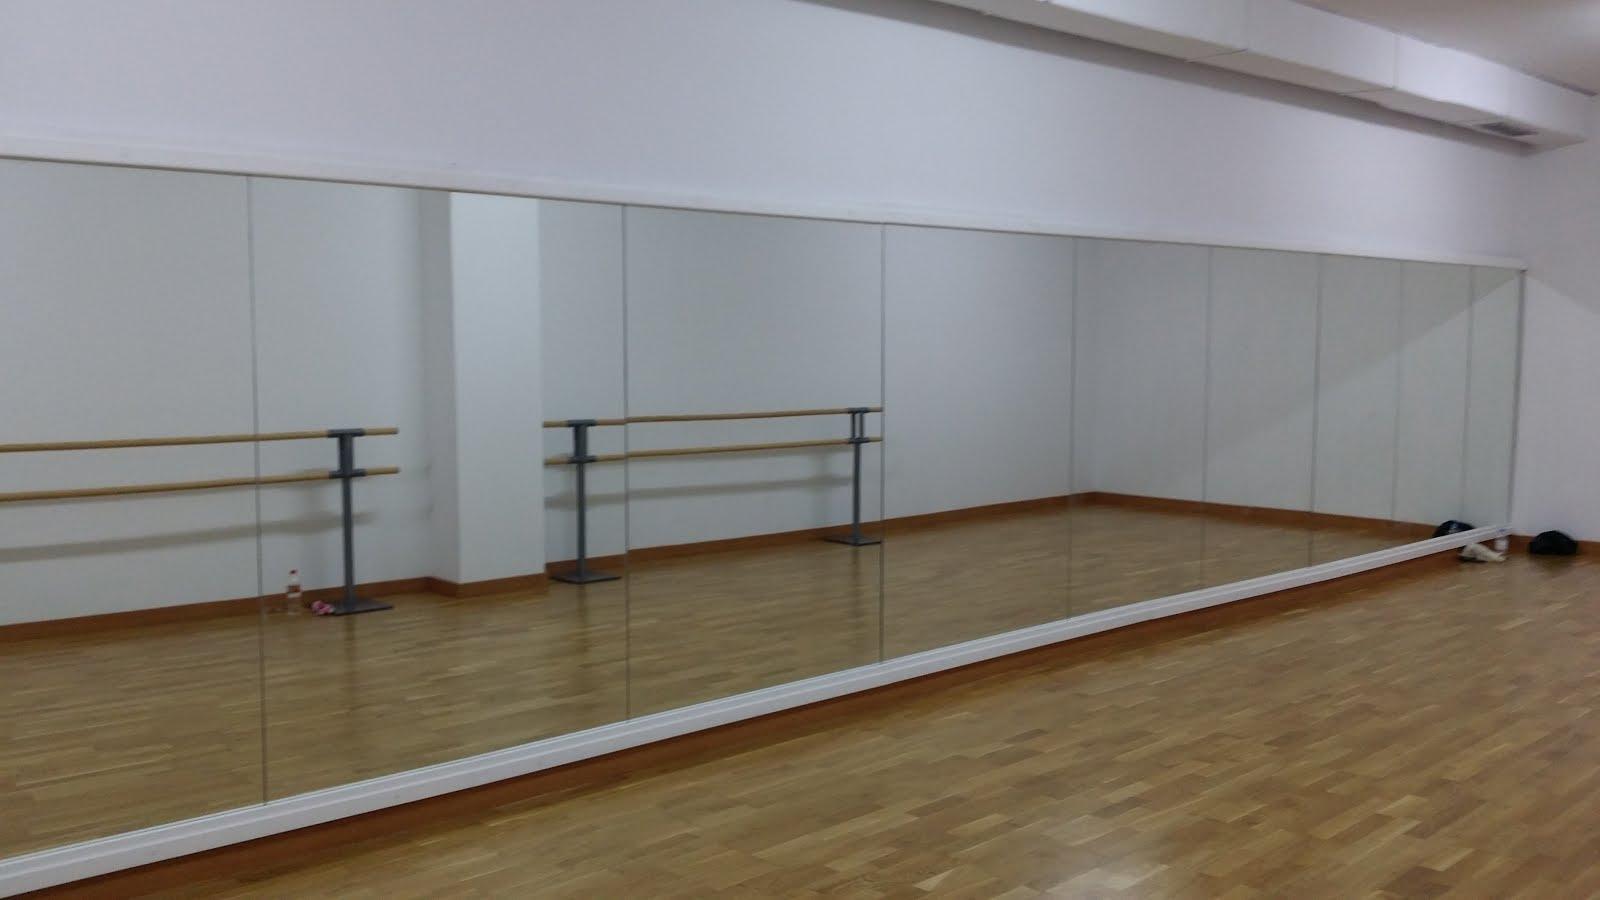 Alquiler De Cabina De Estetica En Las Palmas : Danza las palmas se alquila sala de ensayo